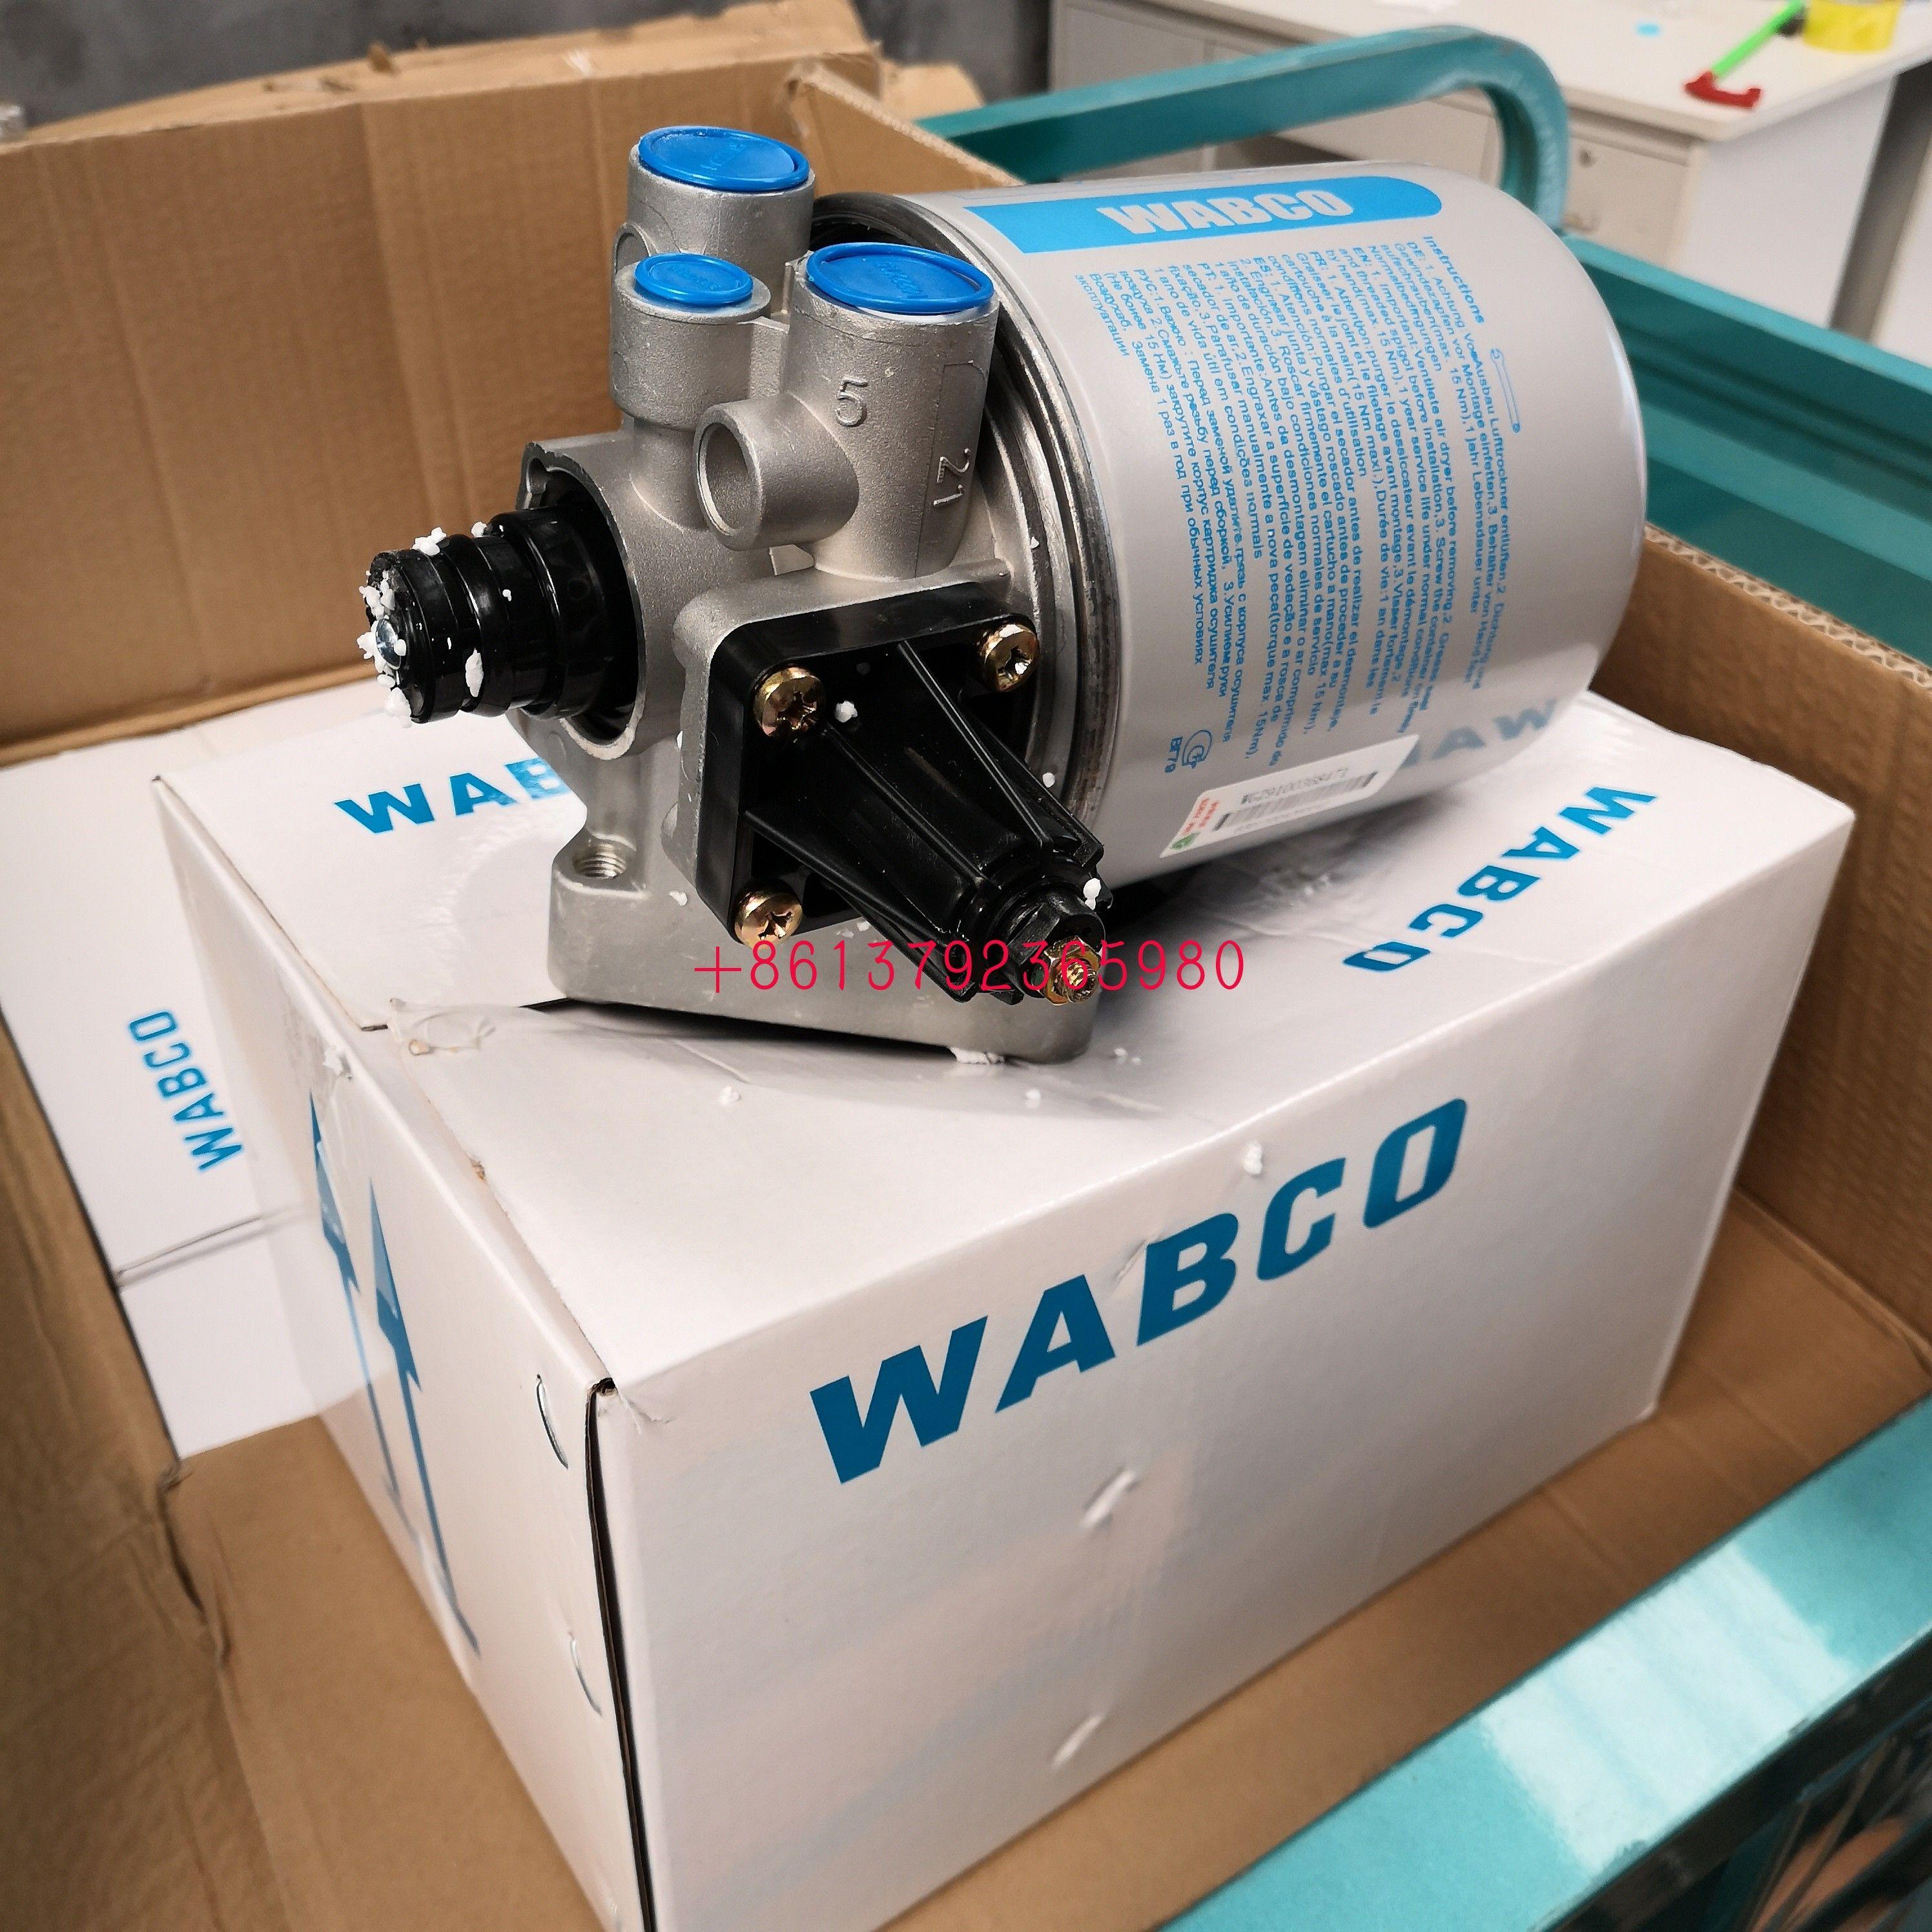 Wabco air dryer Email Skype cherrirun